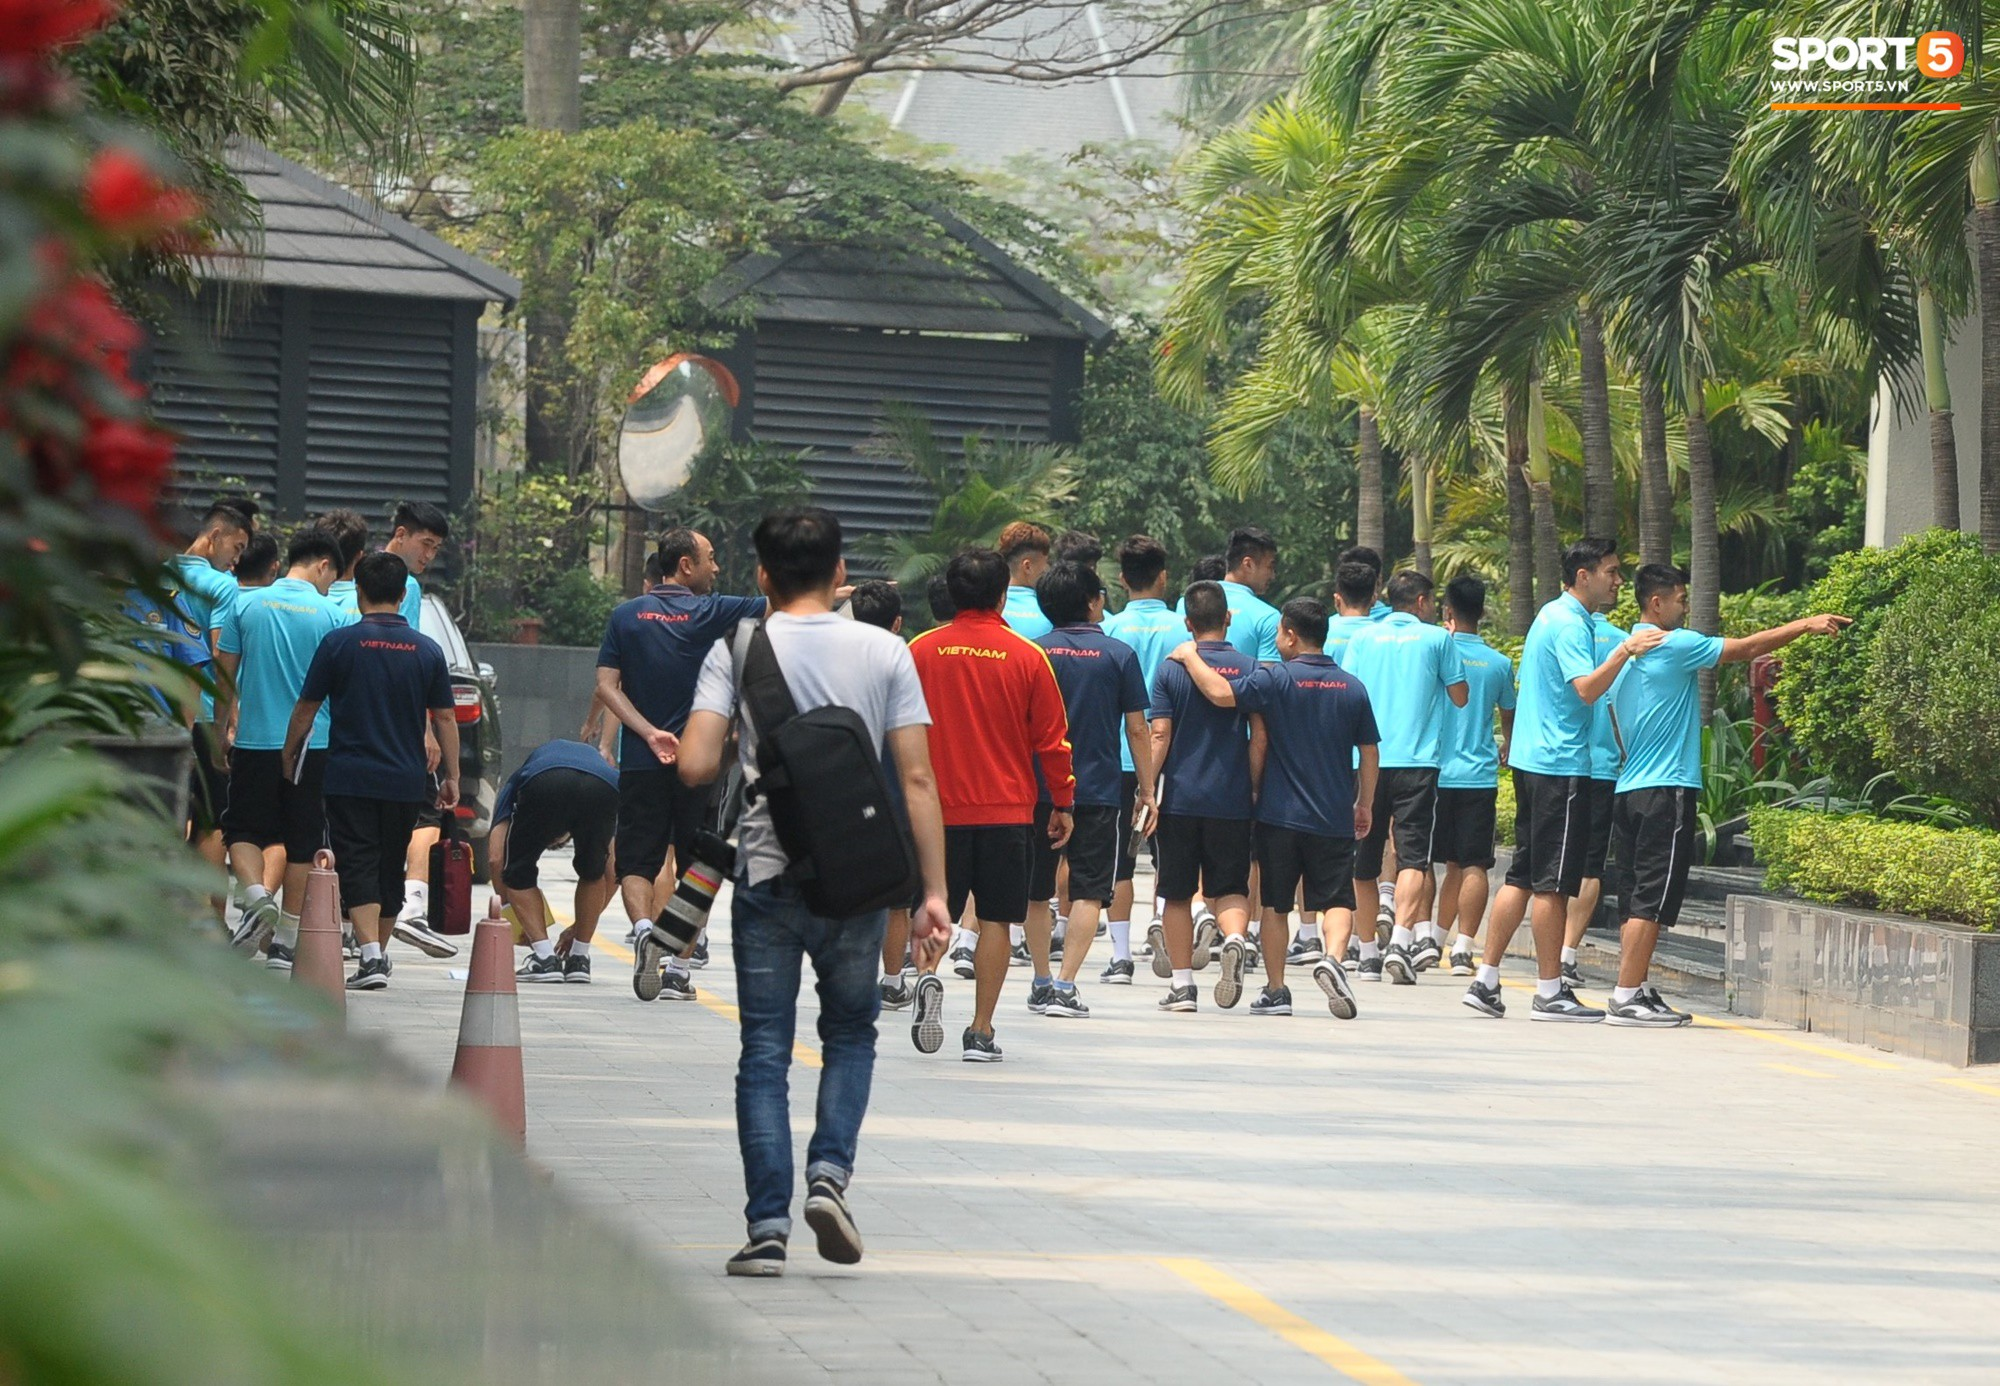 Quang Hải, Đình Trọng nhăn nhó khi đi bộ thể dục lúc 12h trưa-10